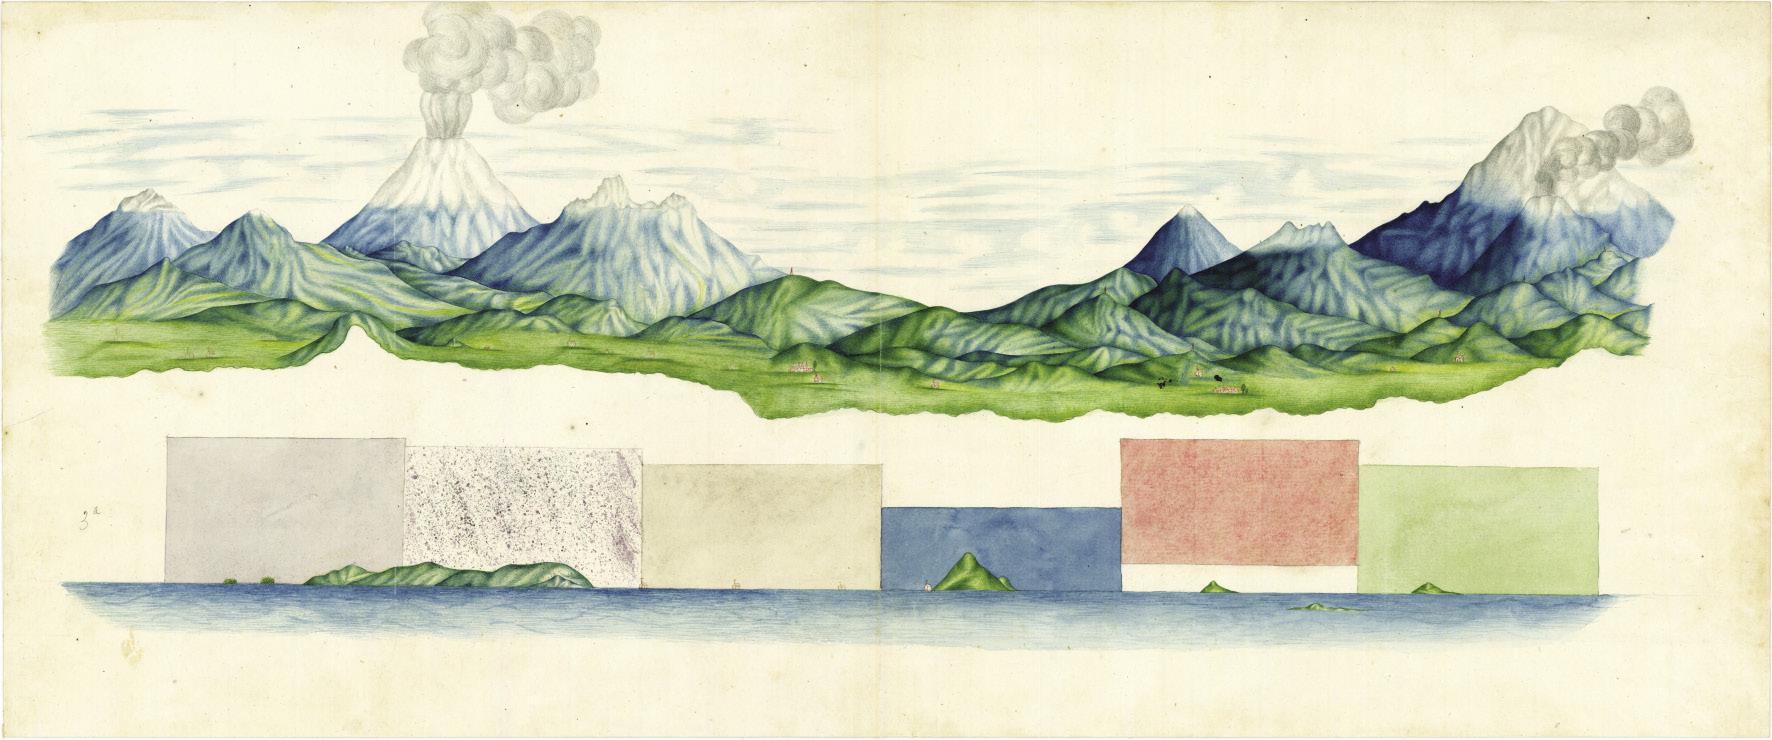 Francisco José de Caldas, Perfiles de los Andes